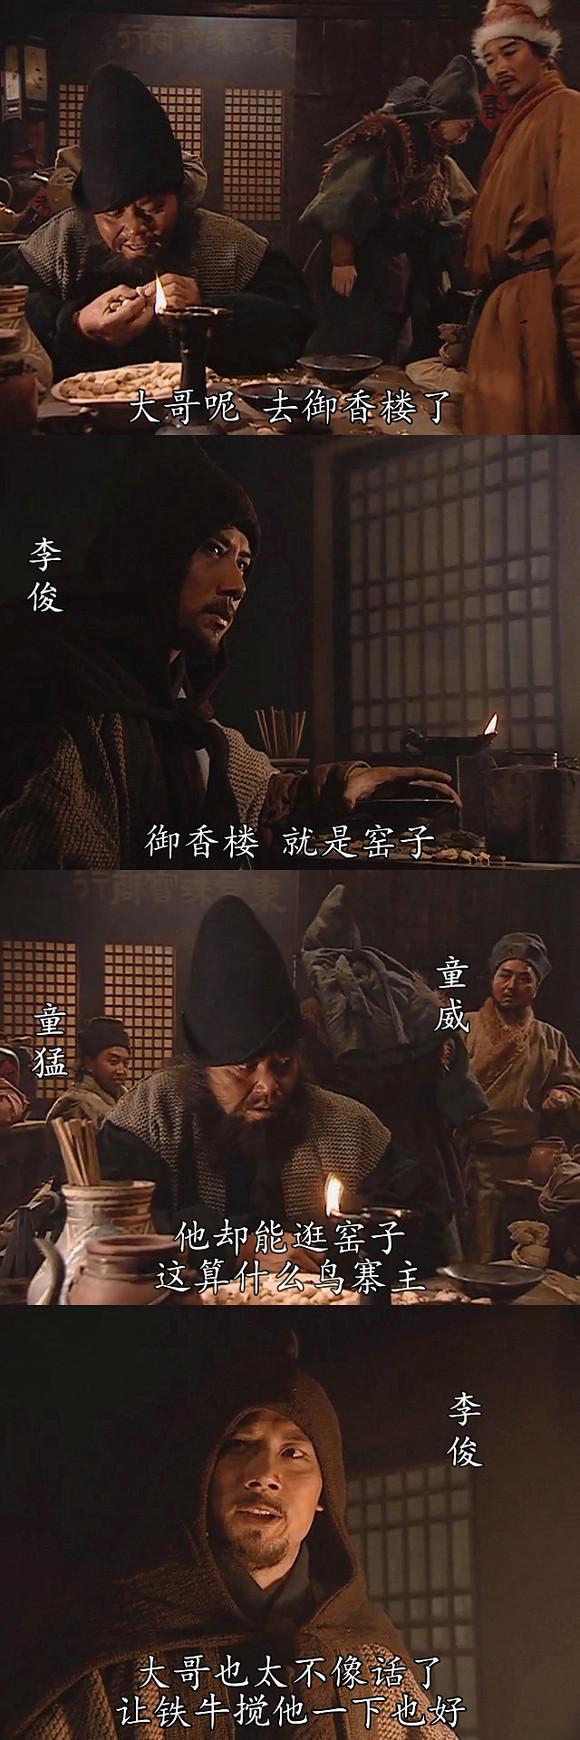 考妣影片小�_央视在不经意之间,展现了李俊童威童猛这一小集团.